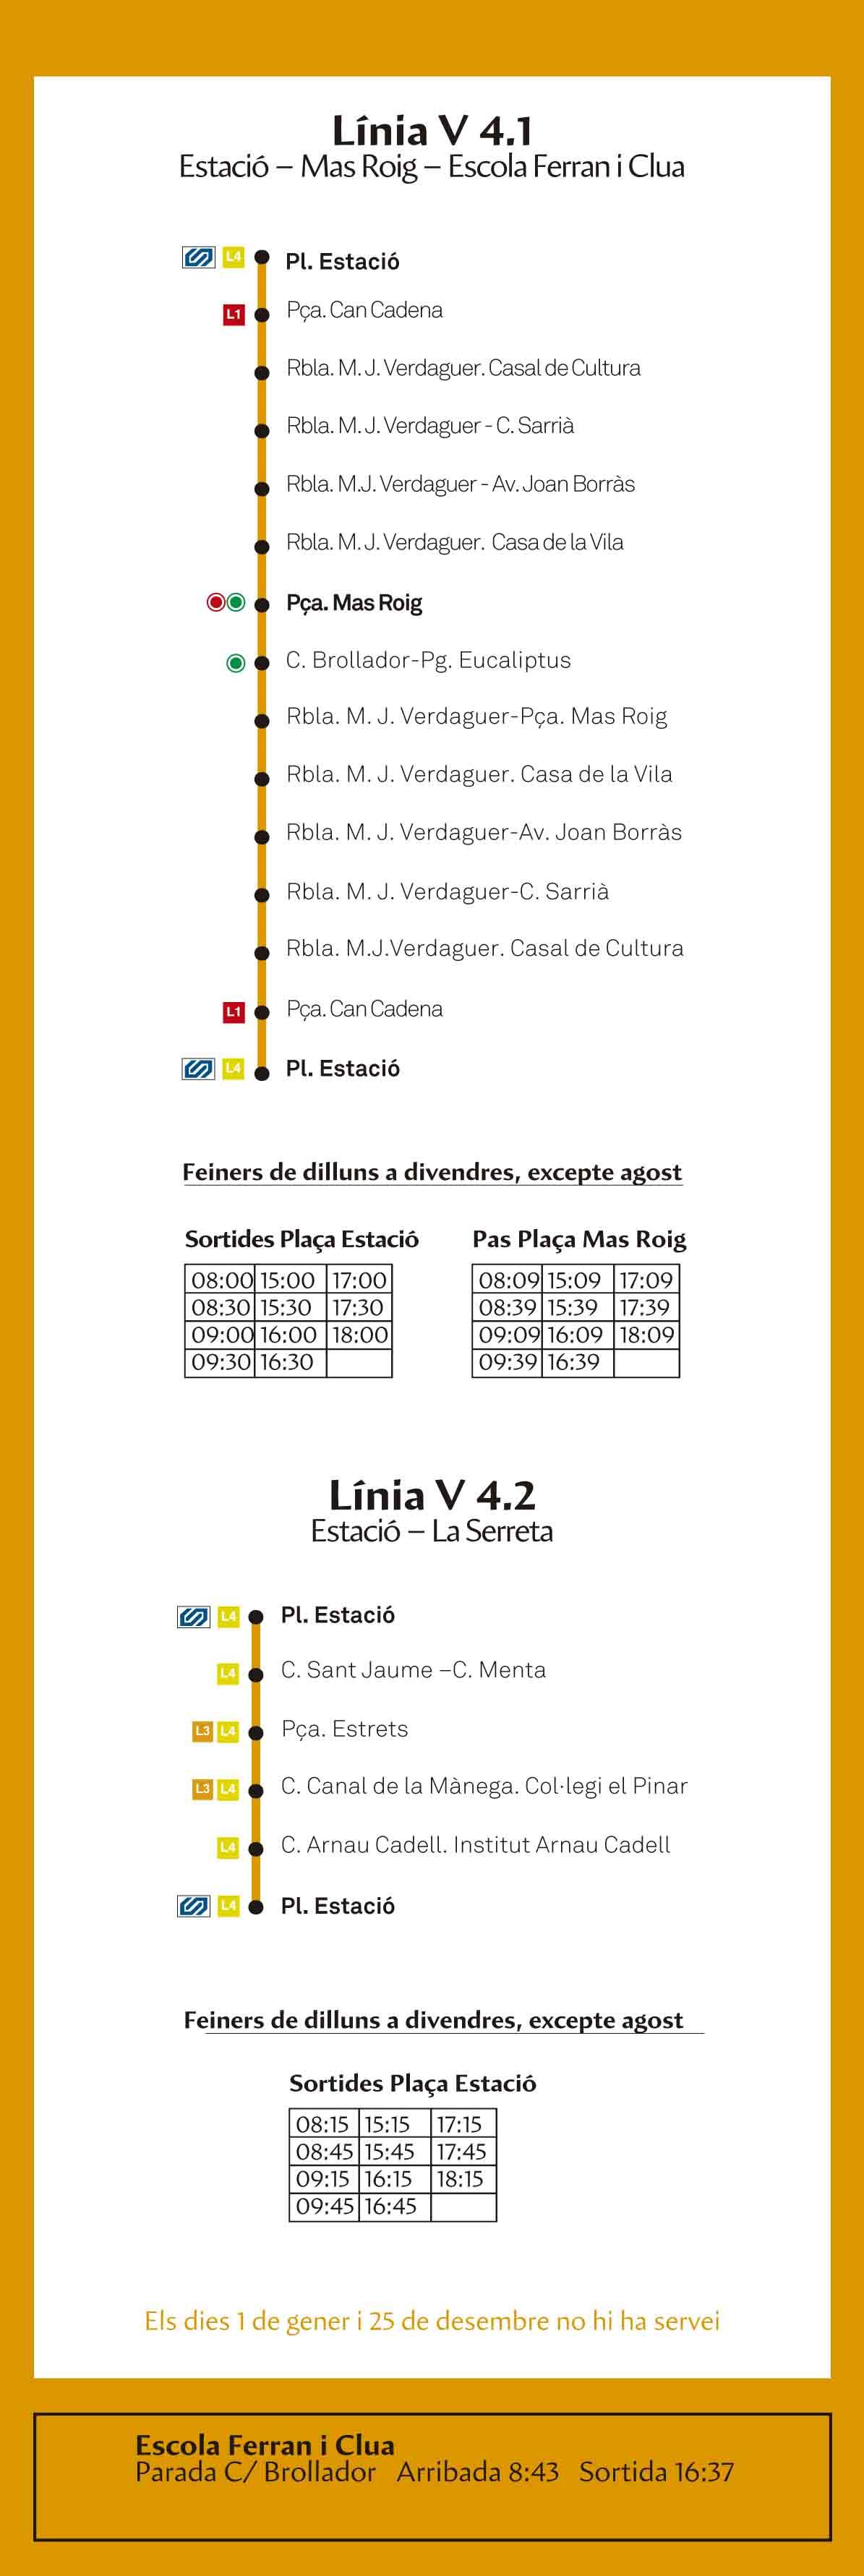 Linina V4.1 i V4.2